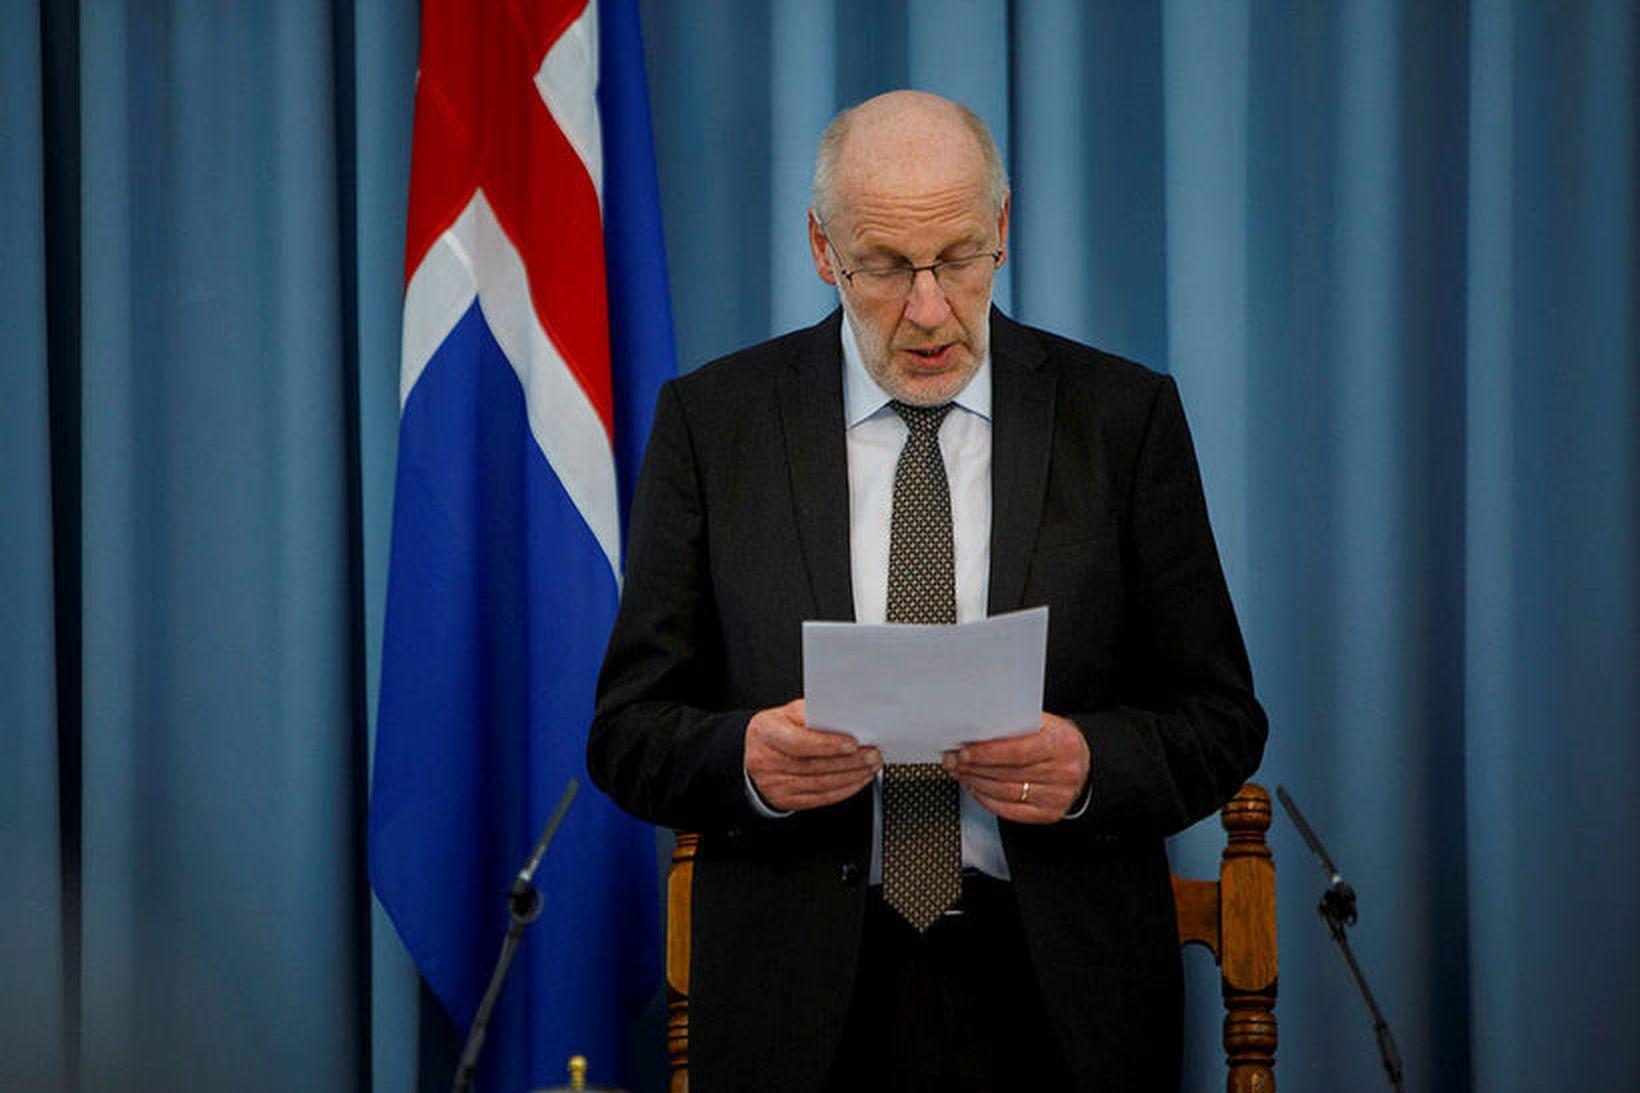 Steingrímur J. Sigfússon forseti Alþinigs hefur ritað bréf til forseta …